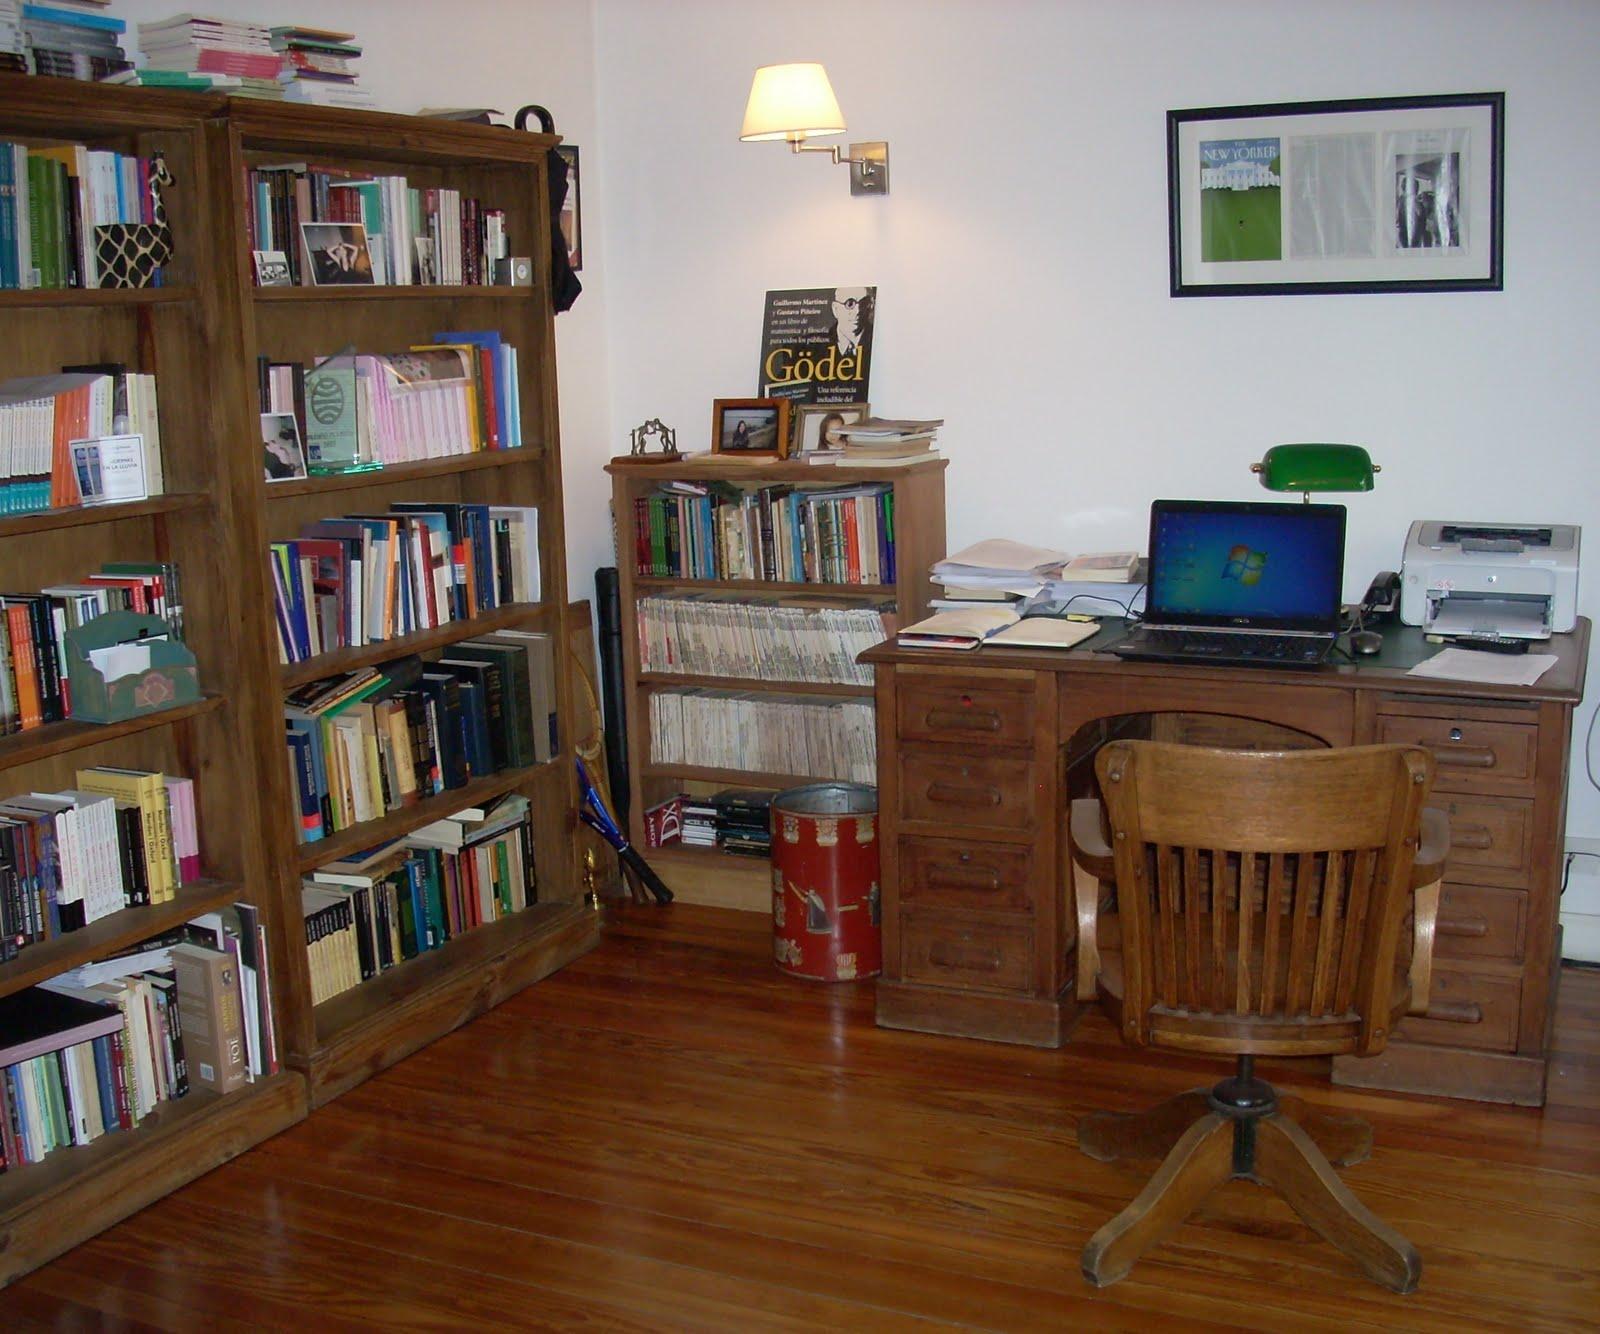 Tres dependientes mi estudio guillermo mart nez - Tres estudio ...